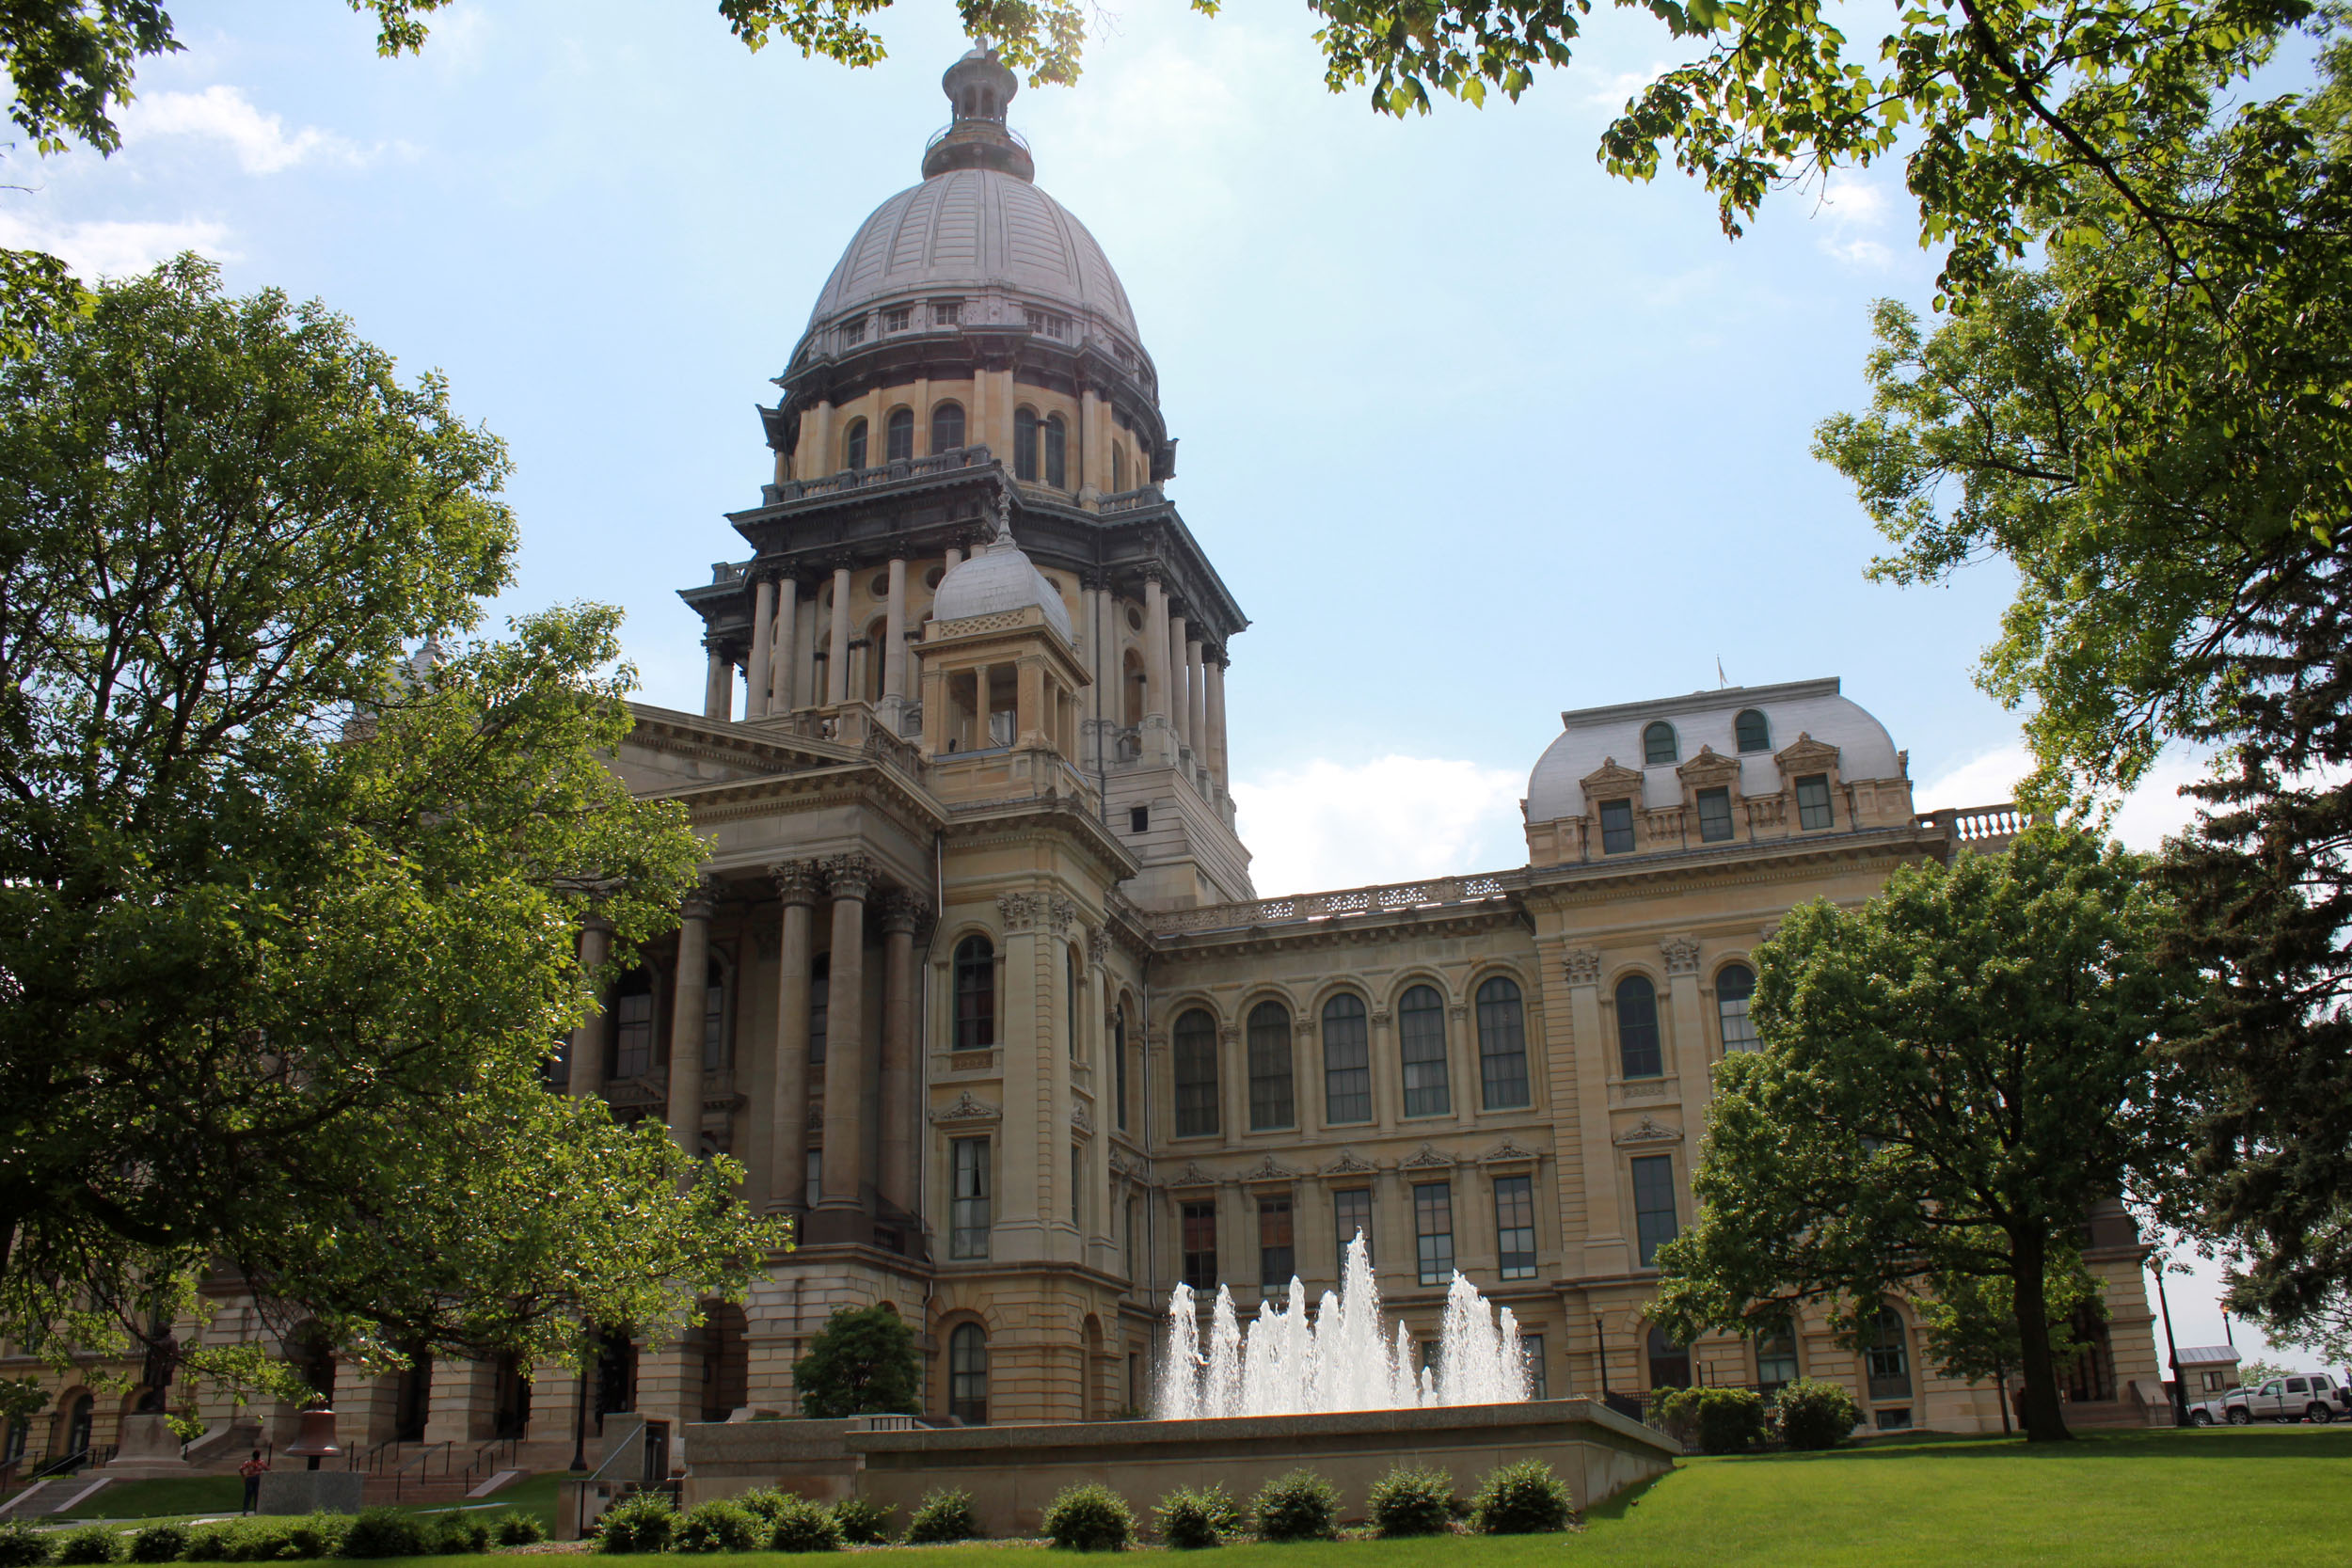 State Legislators Discussing 'Revolving Door' Ban Proposals